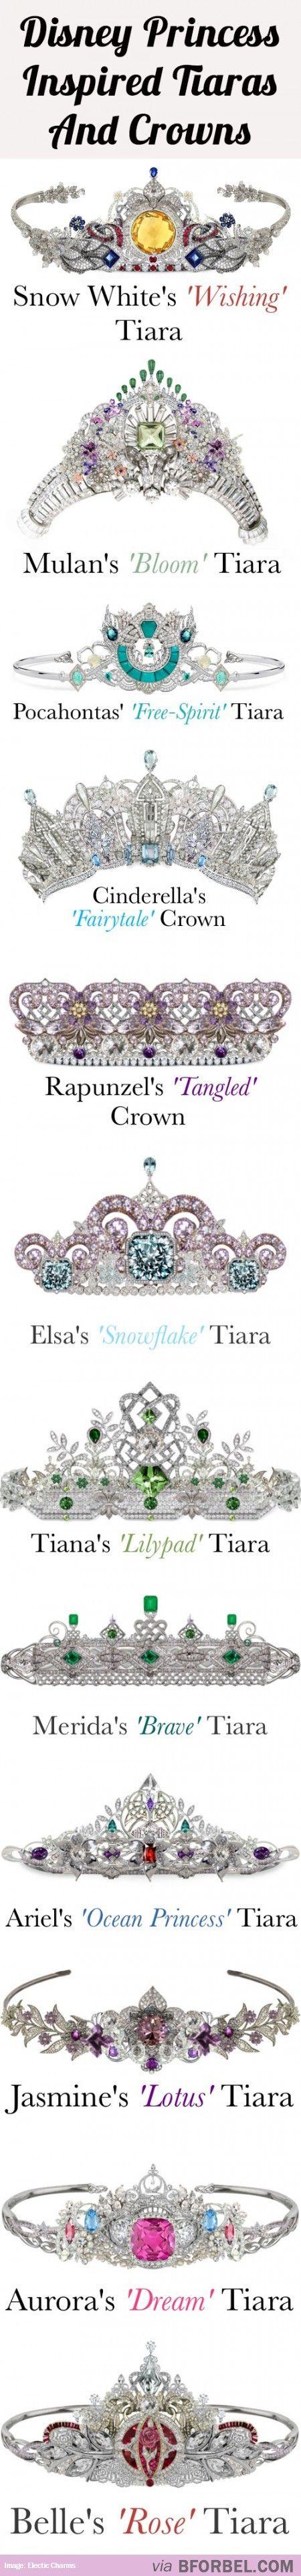 12 Disney Princess Tiaras And Crowns...